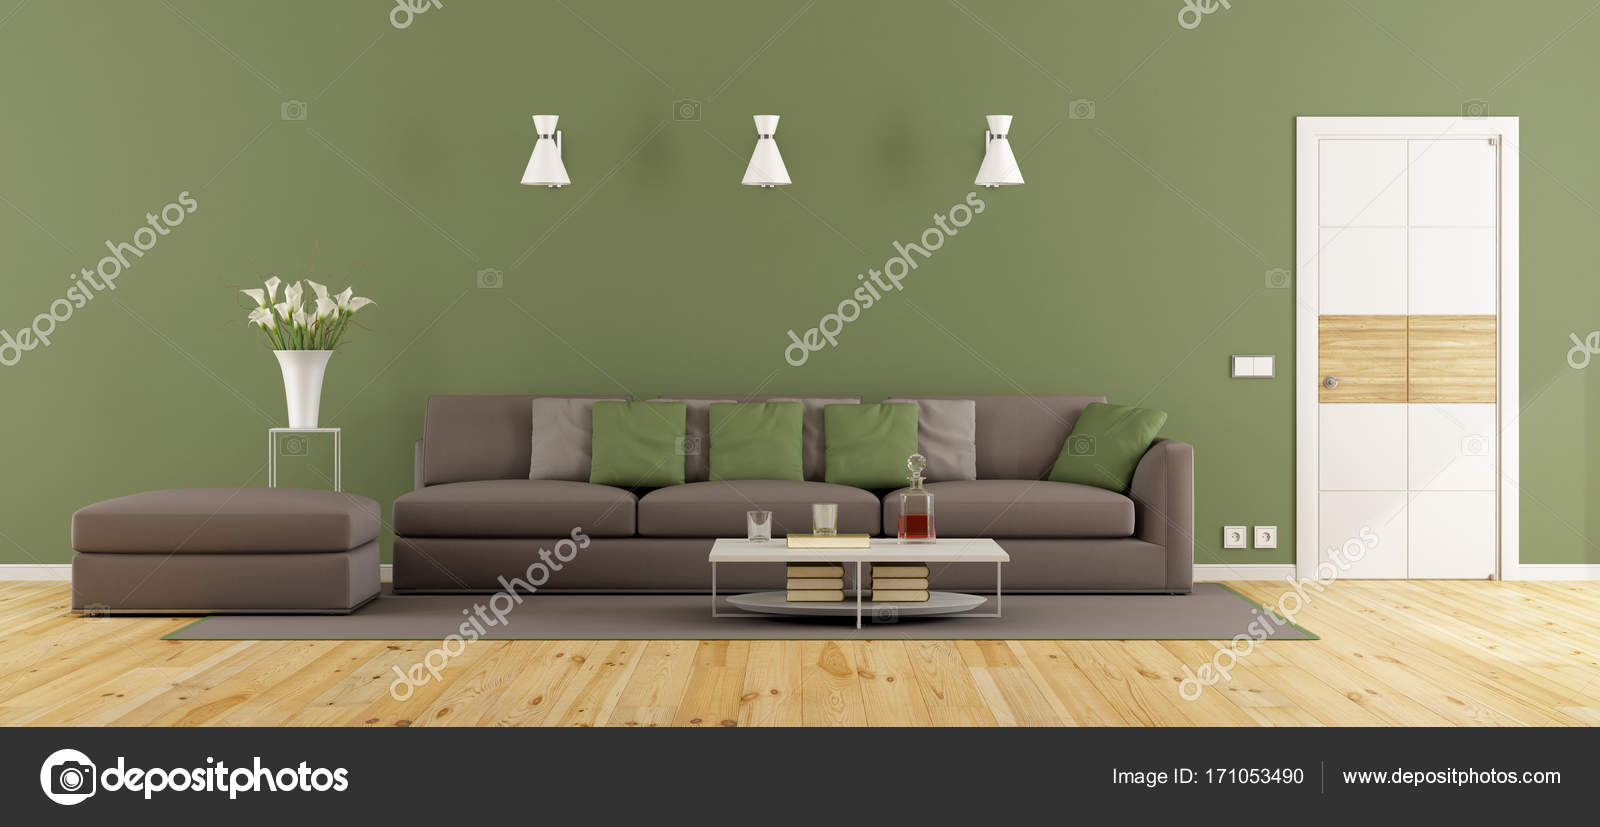 Groen In Woonkamer : Woonkamer groen grijs unieke eetkamer muur grijze woonkamer